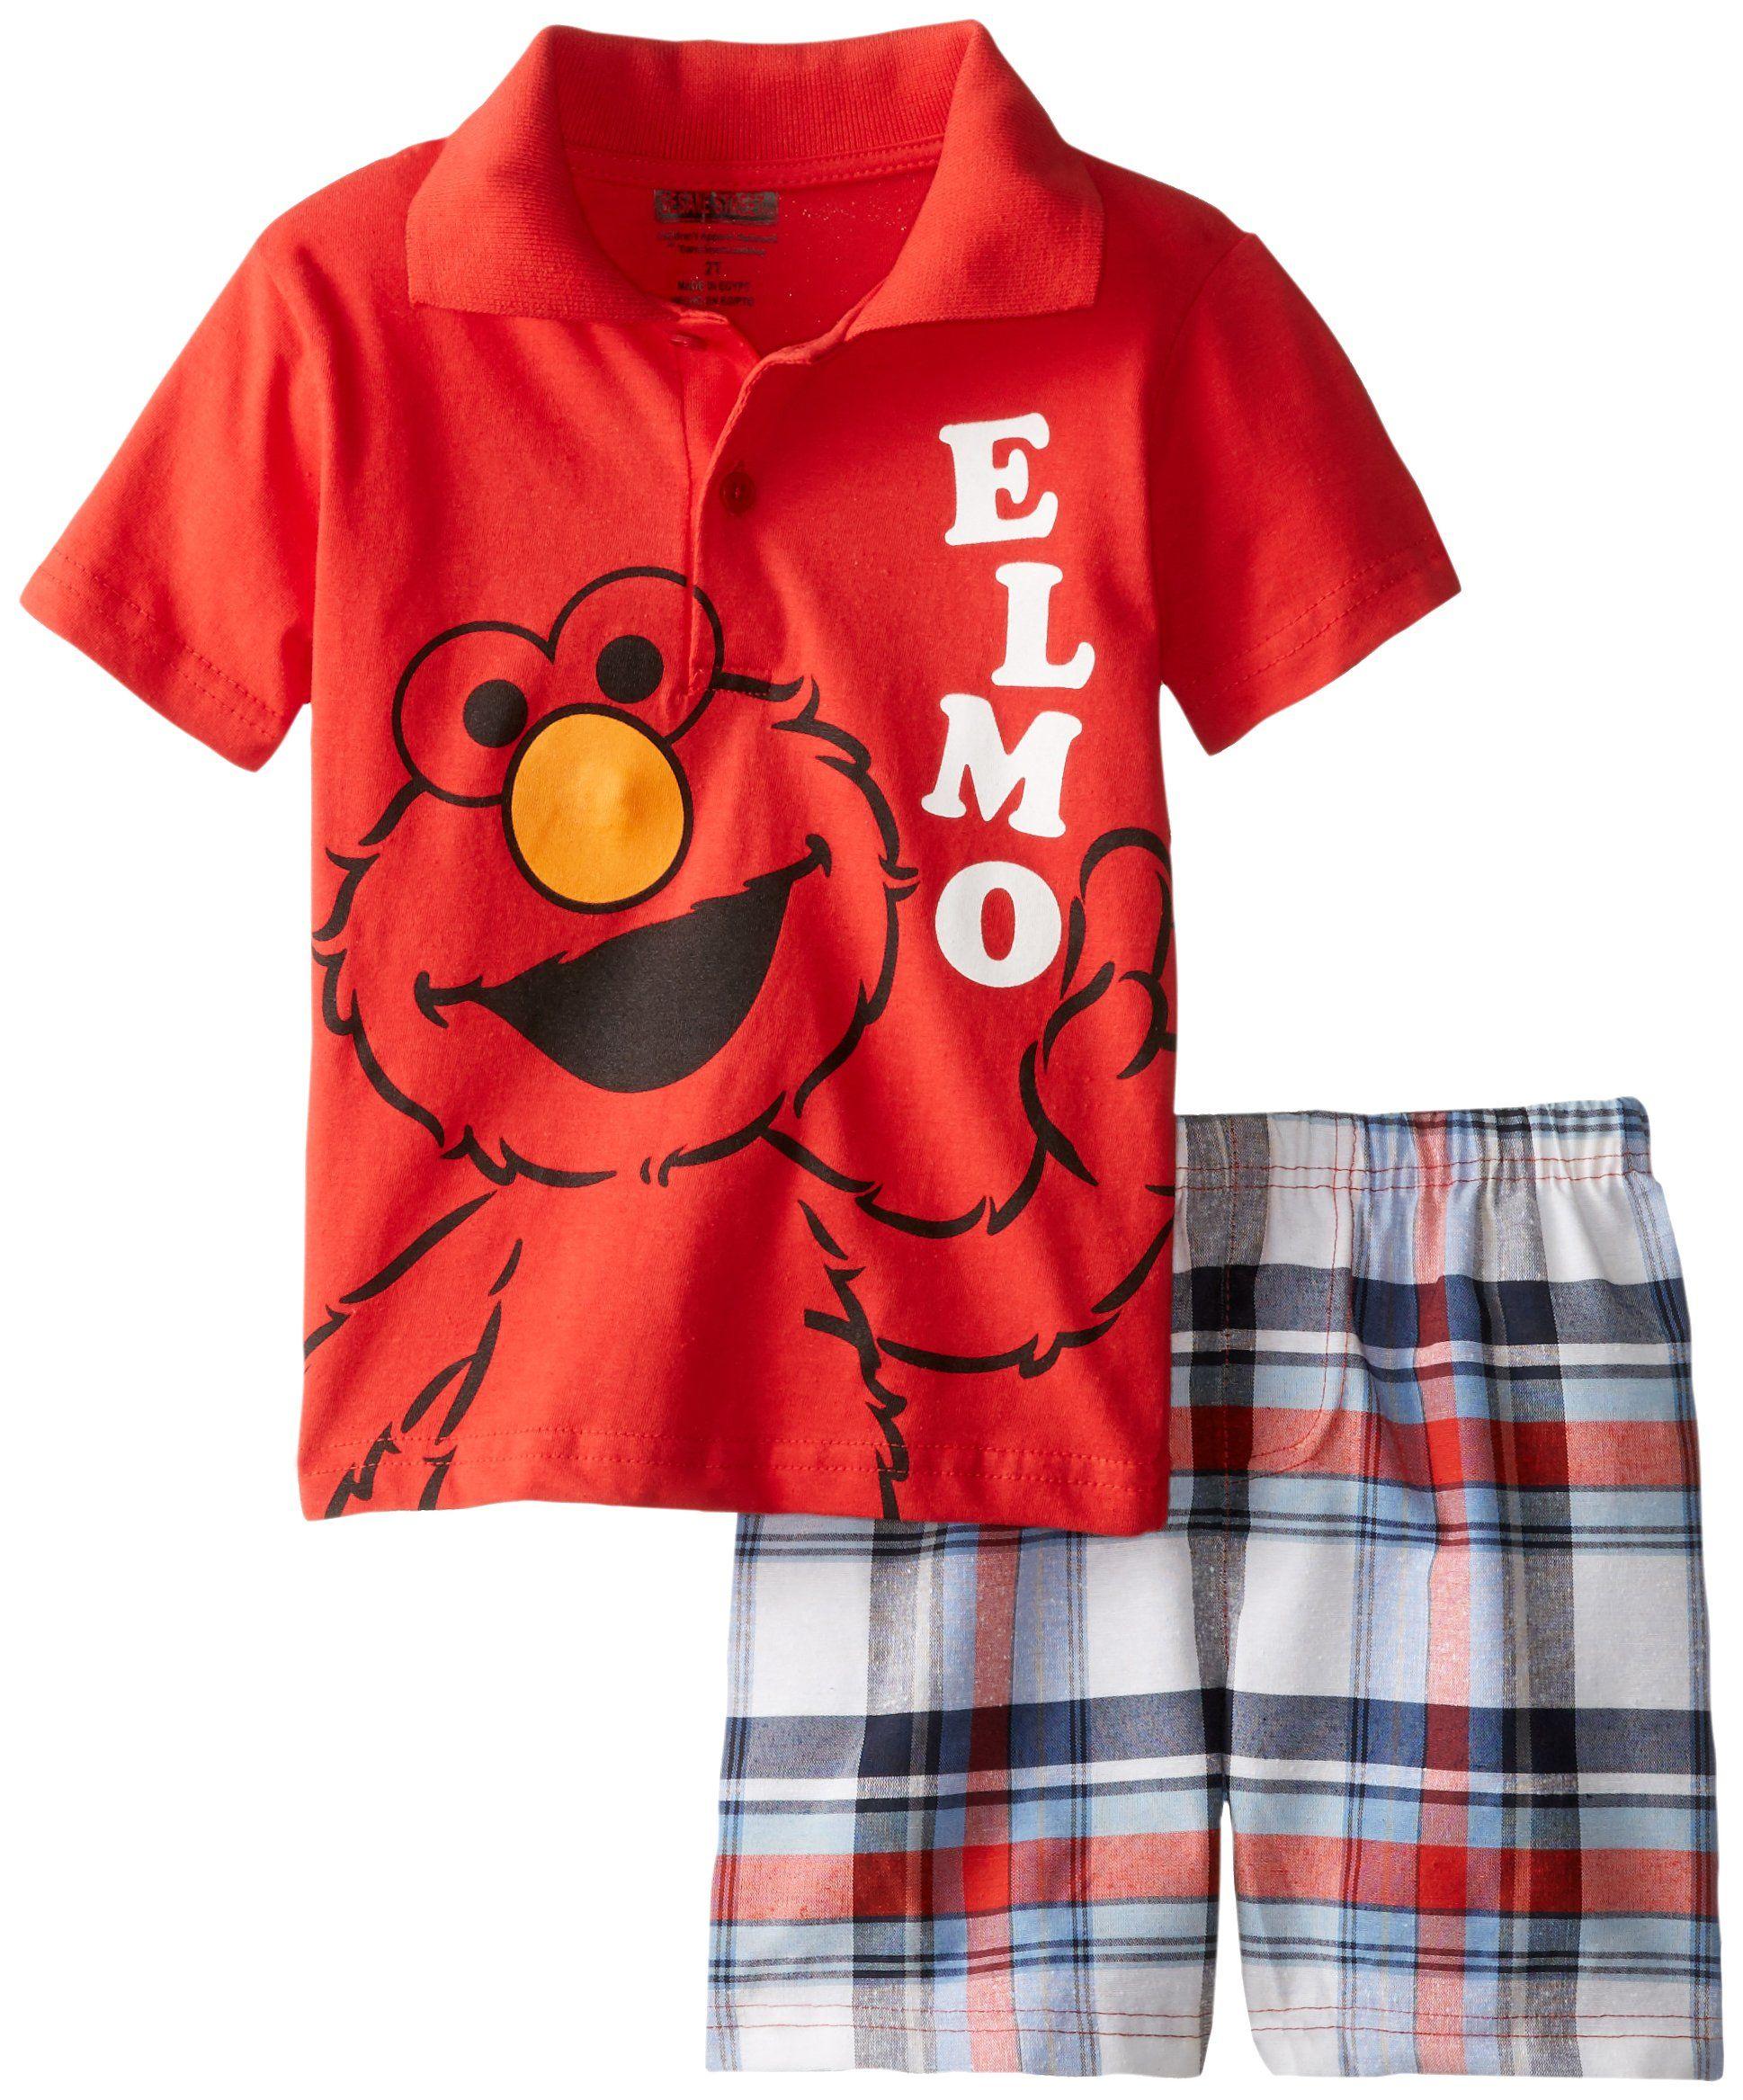 Amazon Com Sesame Street Little Boys 2 Piece Elmo Polo Shirt And Plaid Short Clothing Spring T Shirts Plaid Shorts Long Sweatshirt